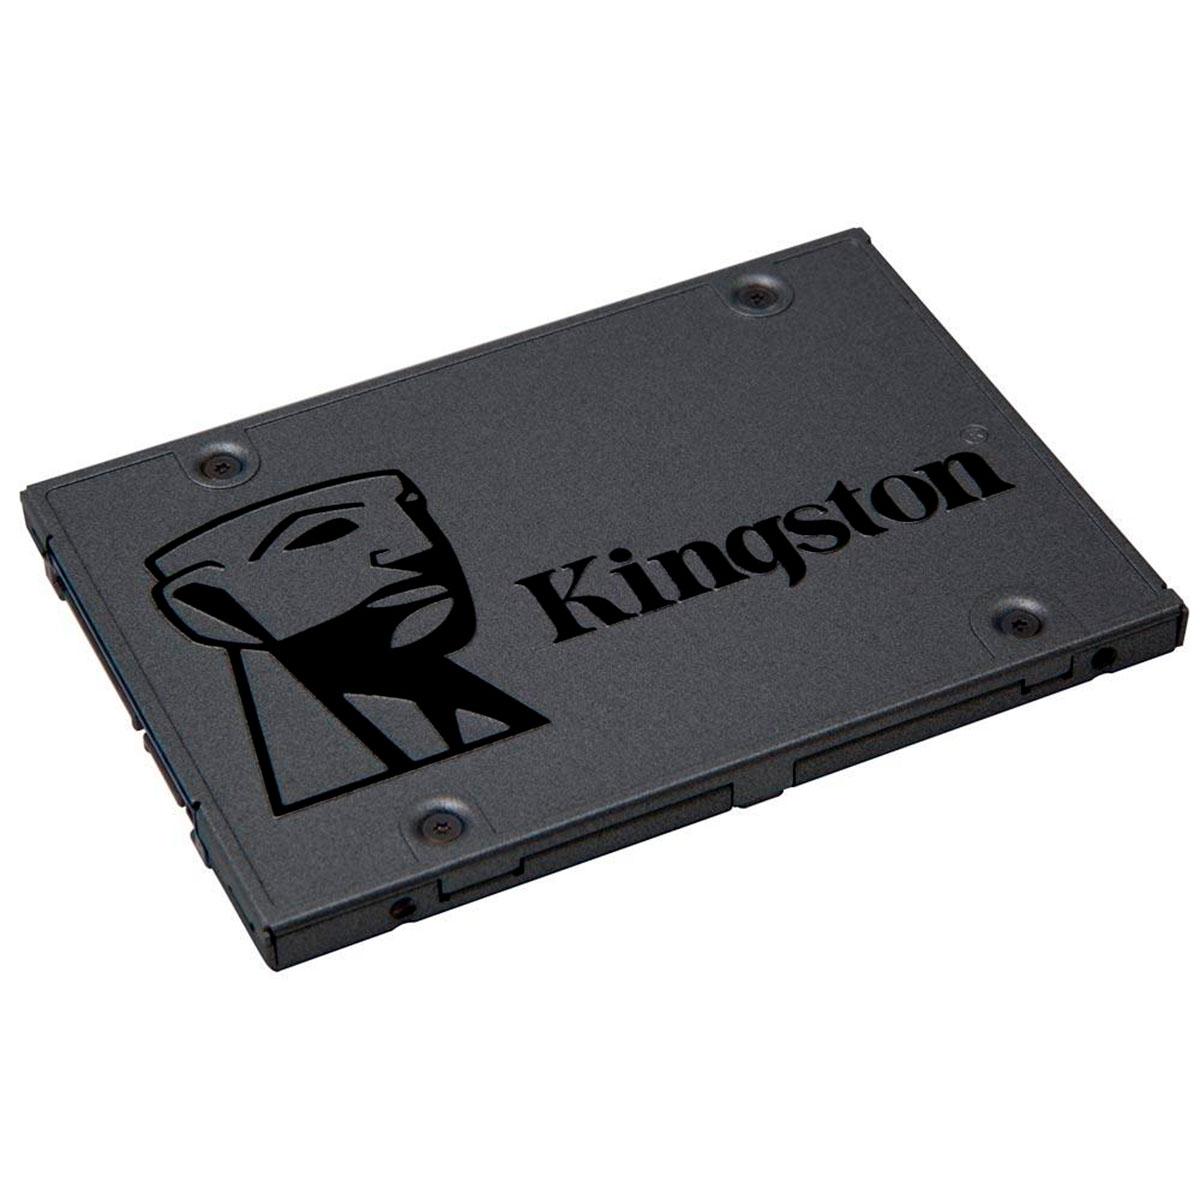 HD SSD 120GB Kingston SA400 SA400S37/120G SATA III 6Gb/s, Leitura 500MB/s, Gravação 320MB/s